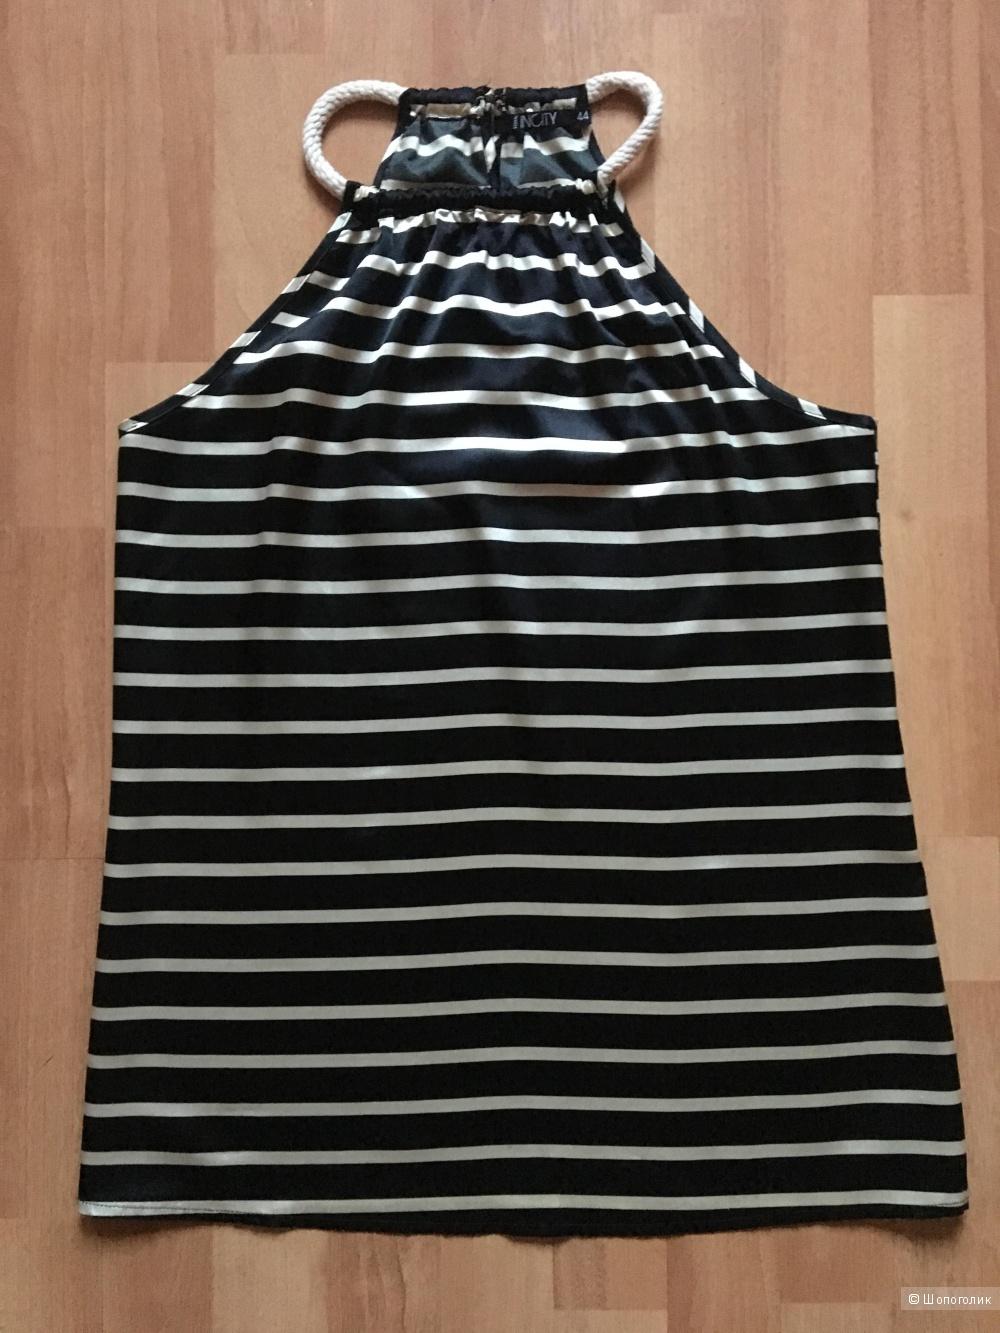 Блузка  lNSITY, размер 44-46.